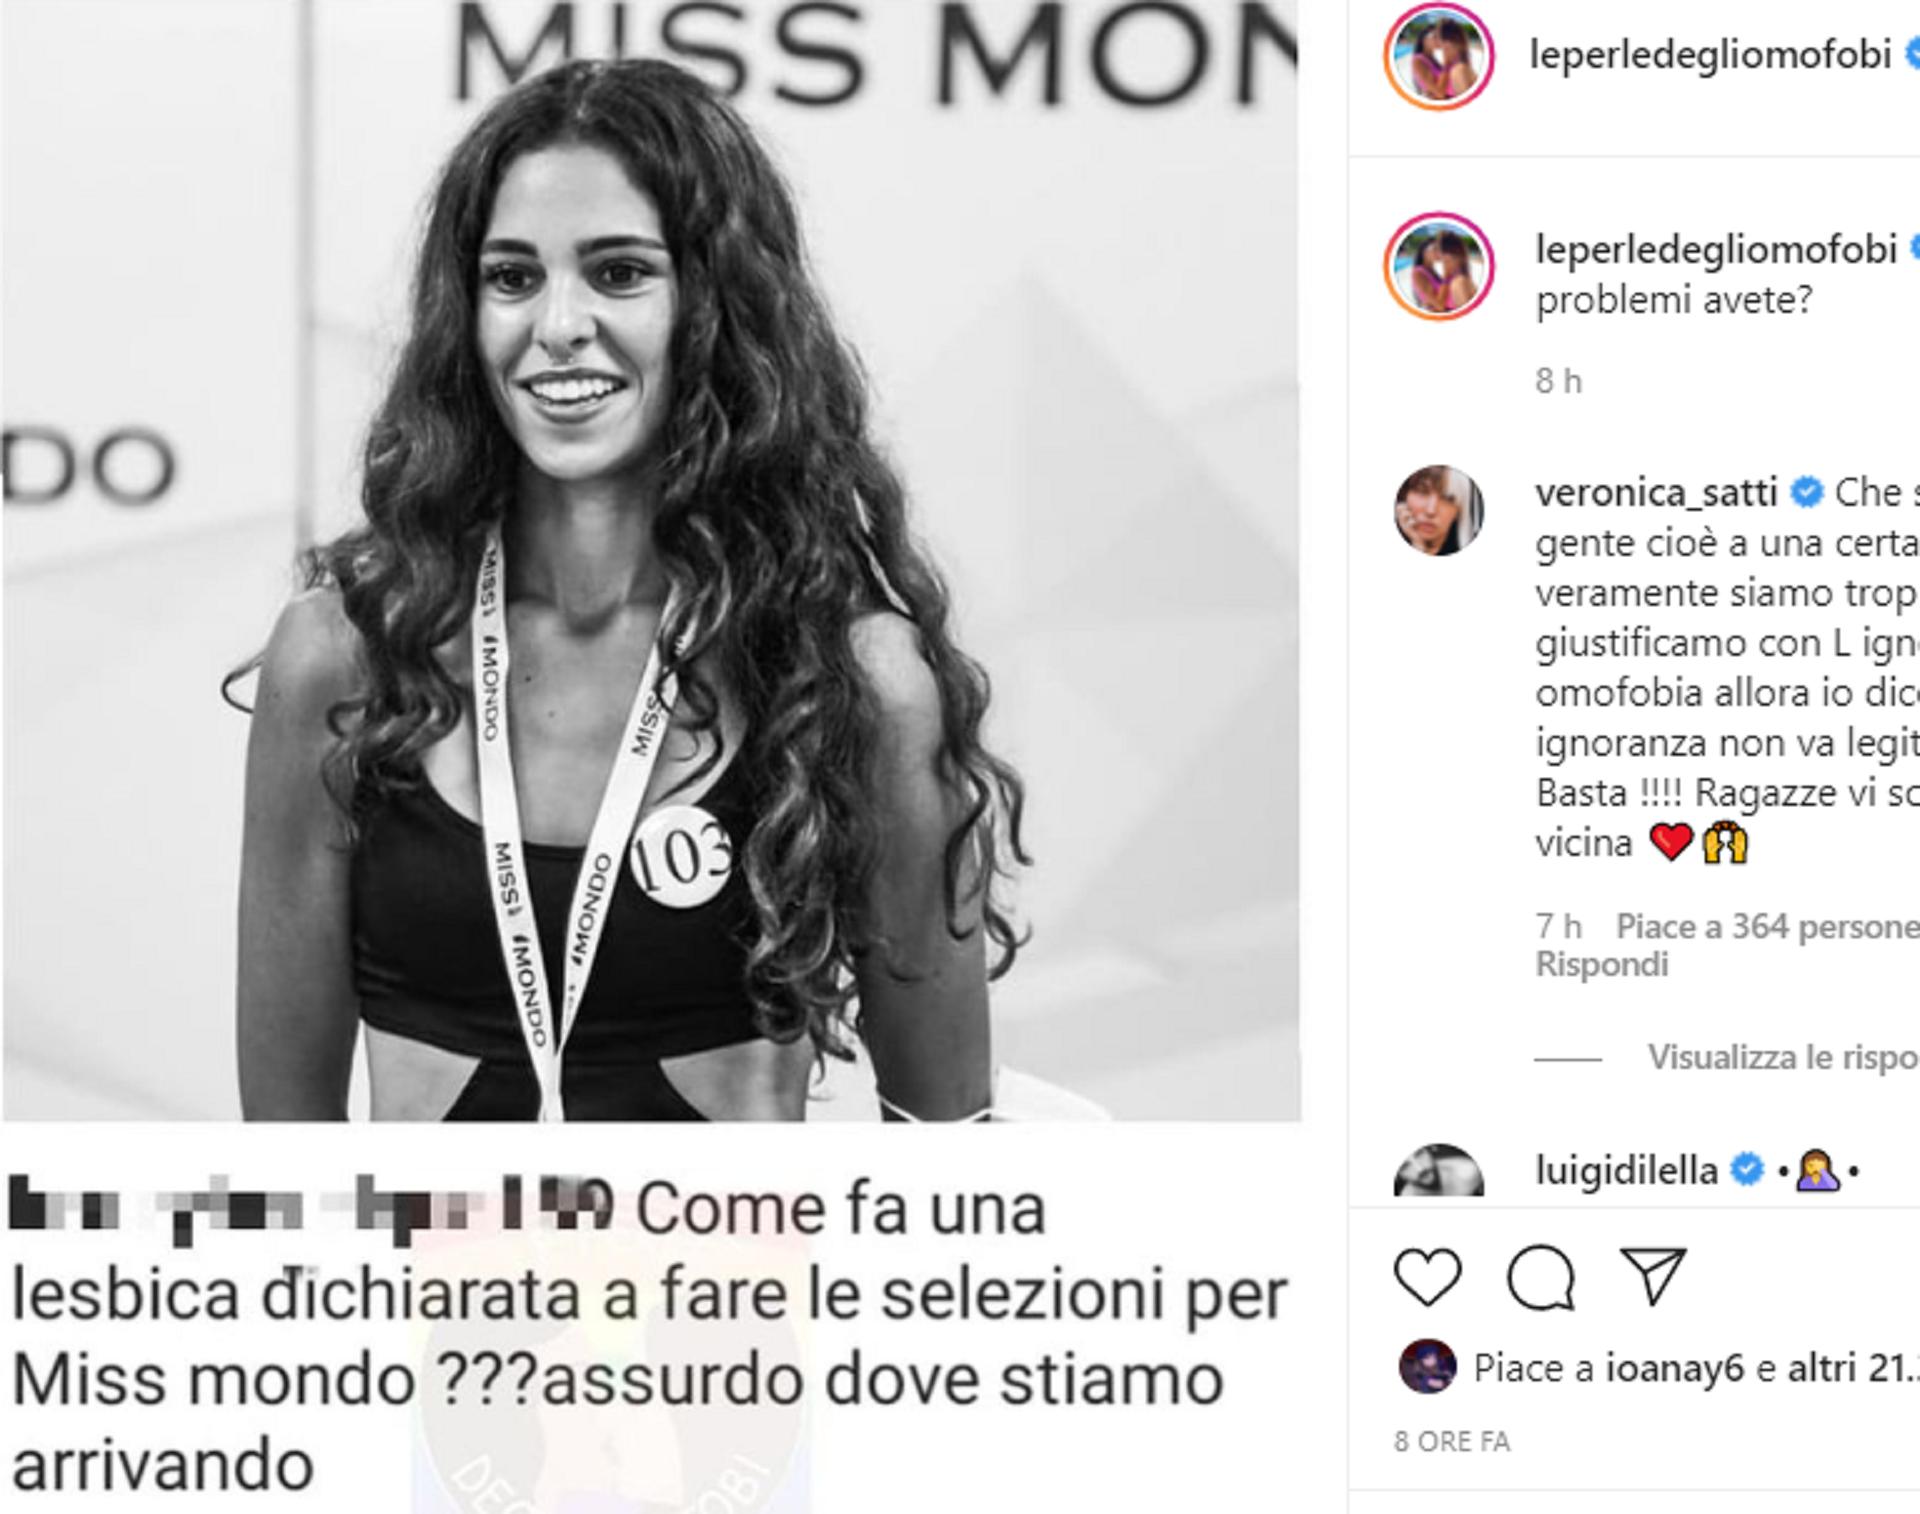 «Sei passata solo perché sei lesbica»: l'odio omofobo contro la finalista di Miss mondo Italia e la fidanzata ...